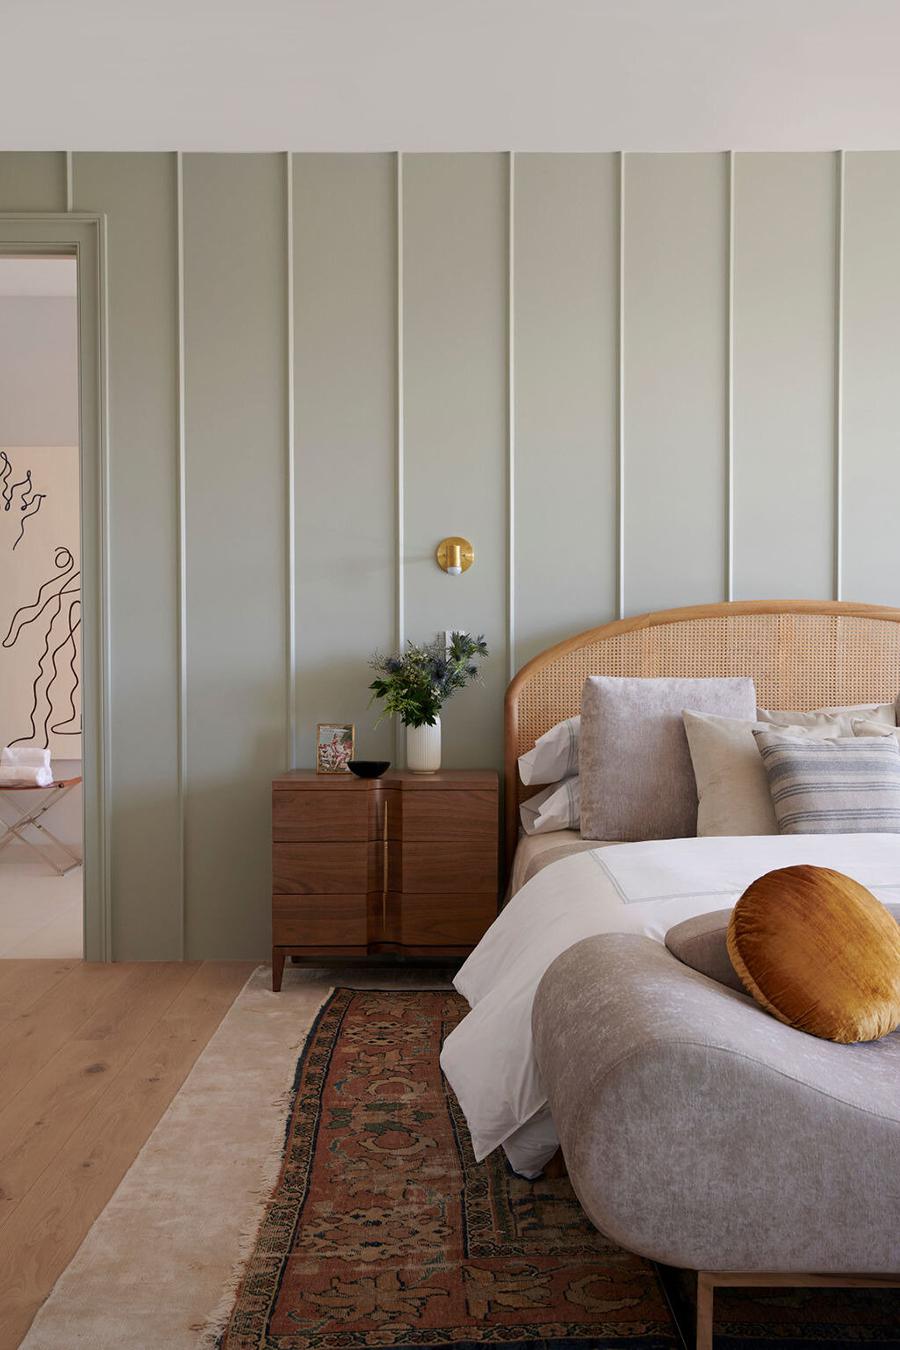 Una pared color verde musgo claro, con molduras en líneas verticales.